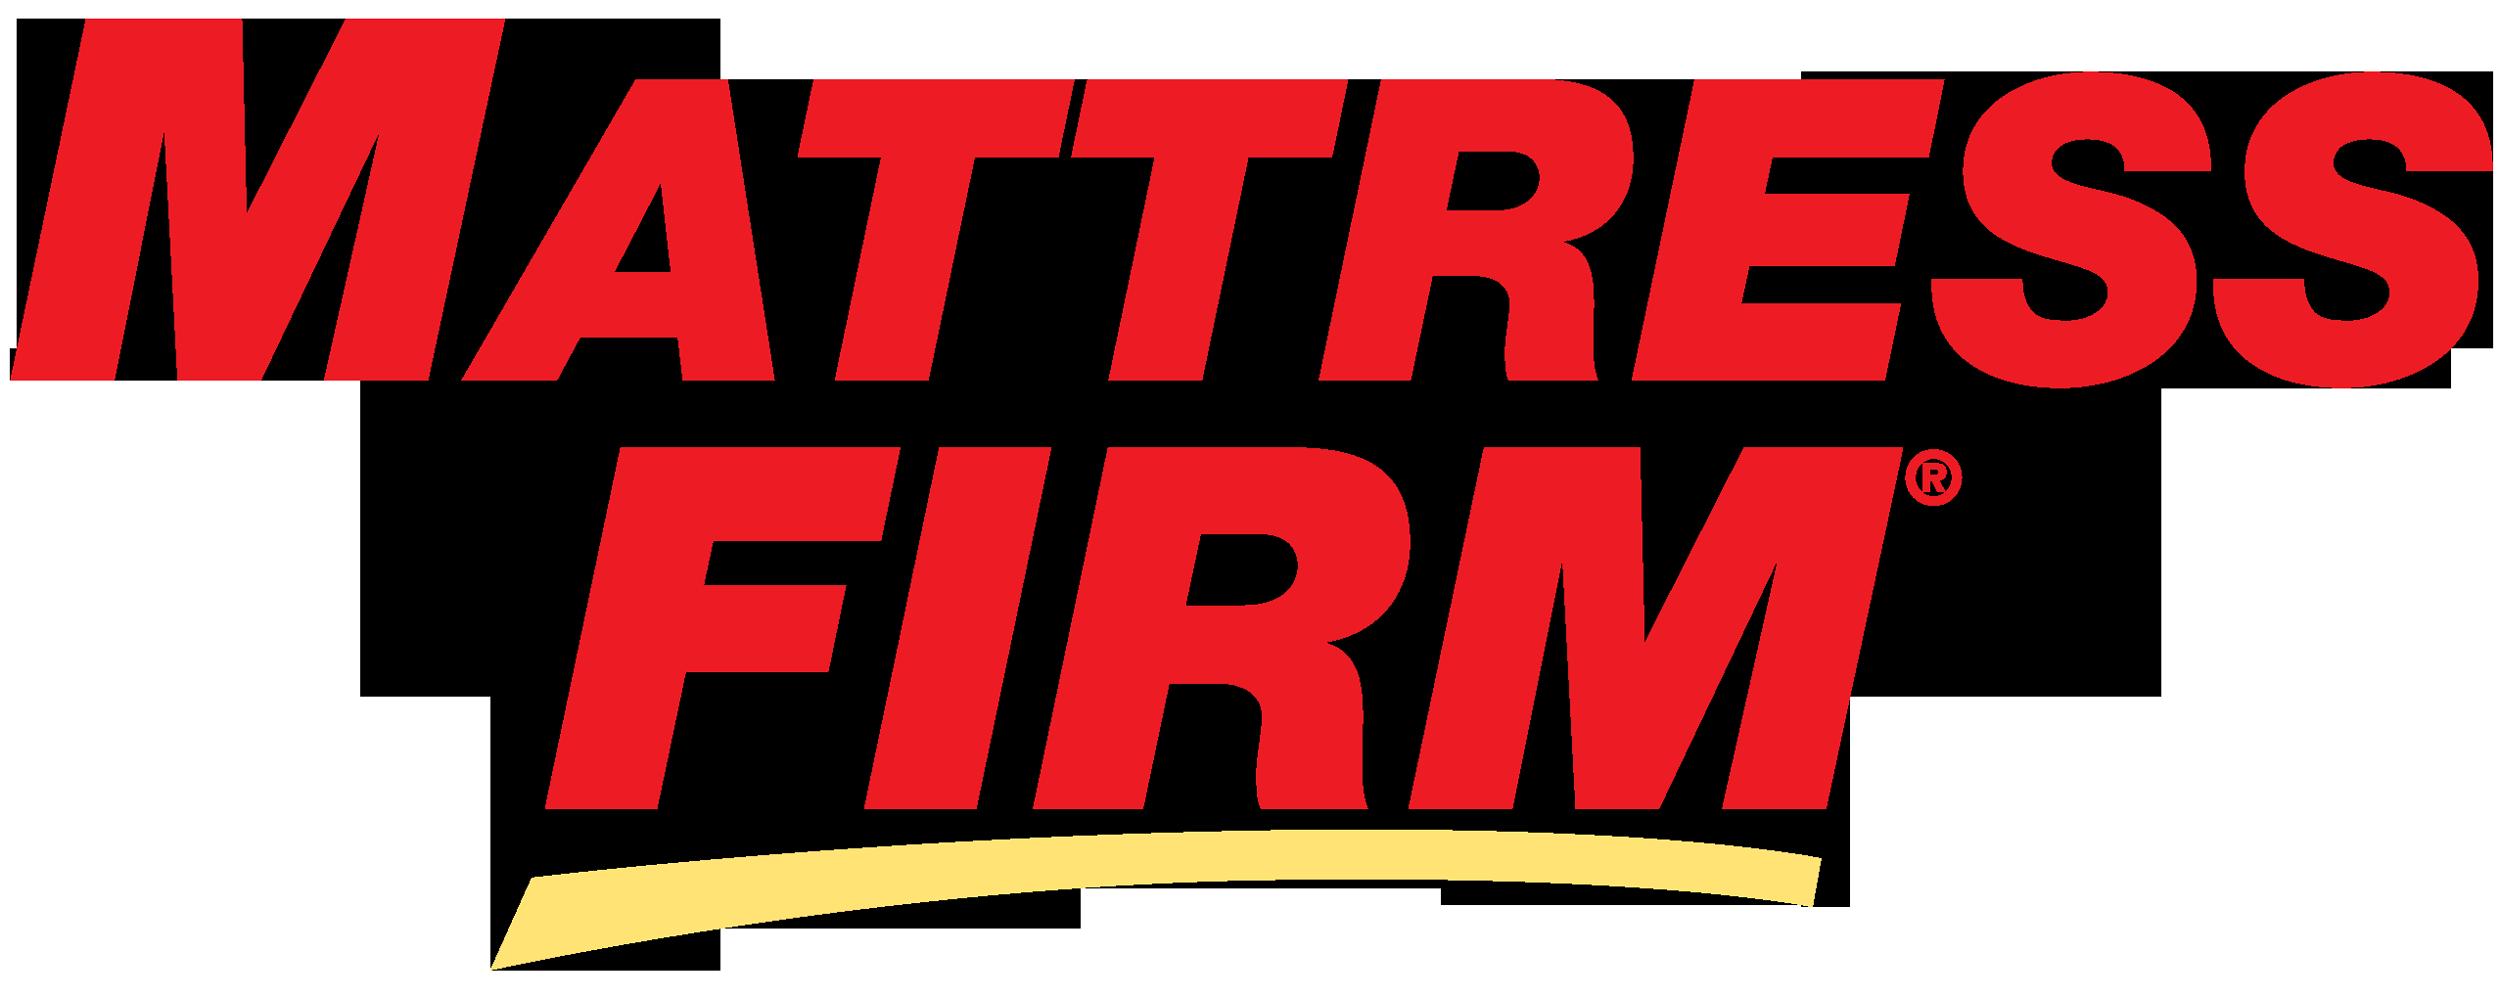 Mattress Firm